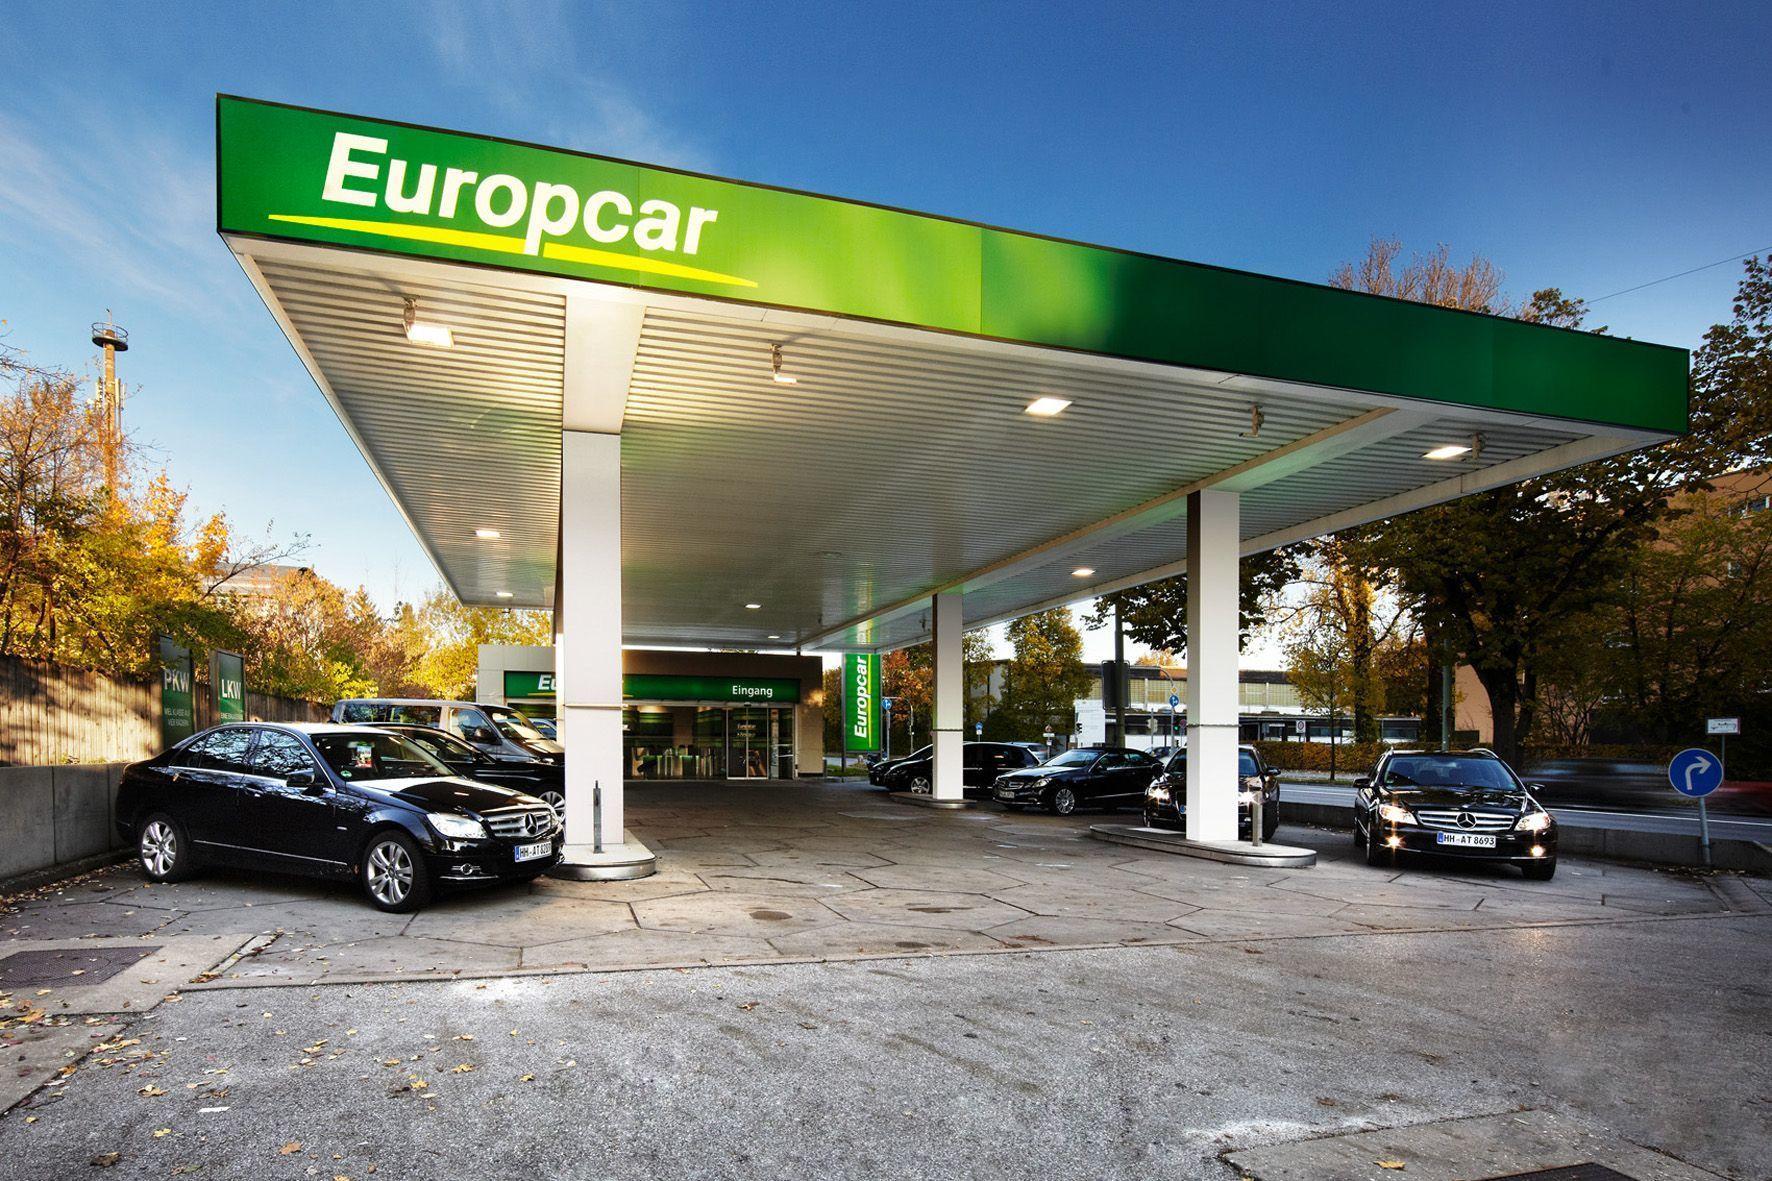 mid Groß-Gerau - Bei Mietwagen sollten Verbraucher nicht nur Preise vergleichen, sondern sich auch die Vertragsbedingungen genau anschauen.